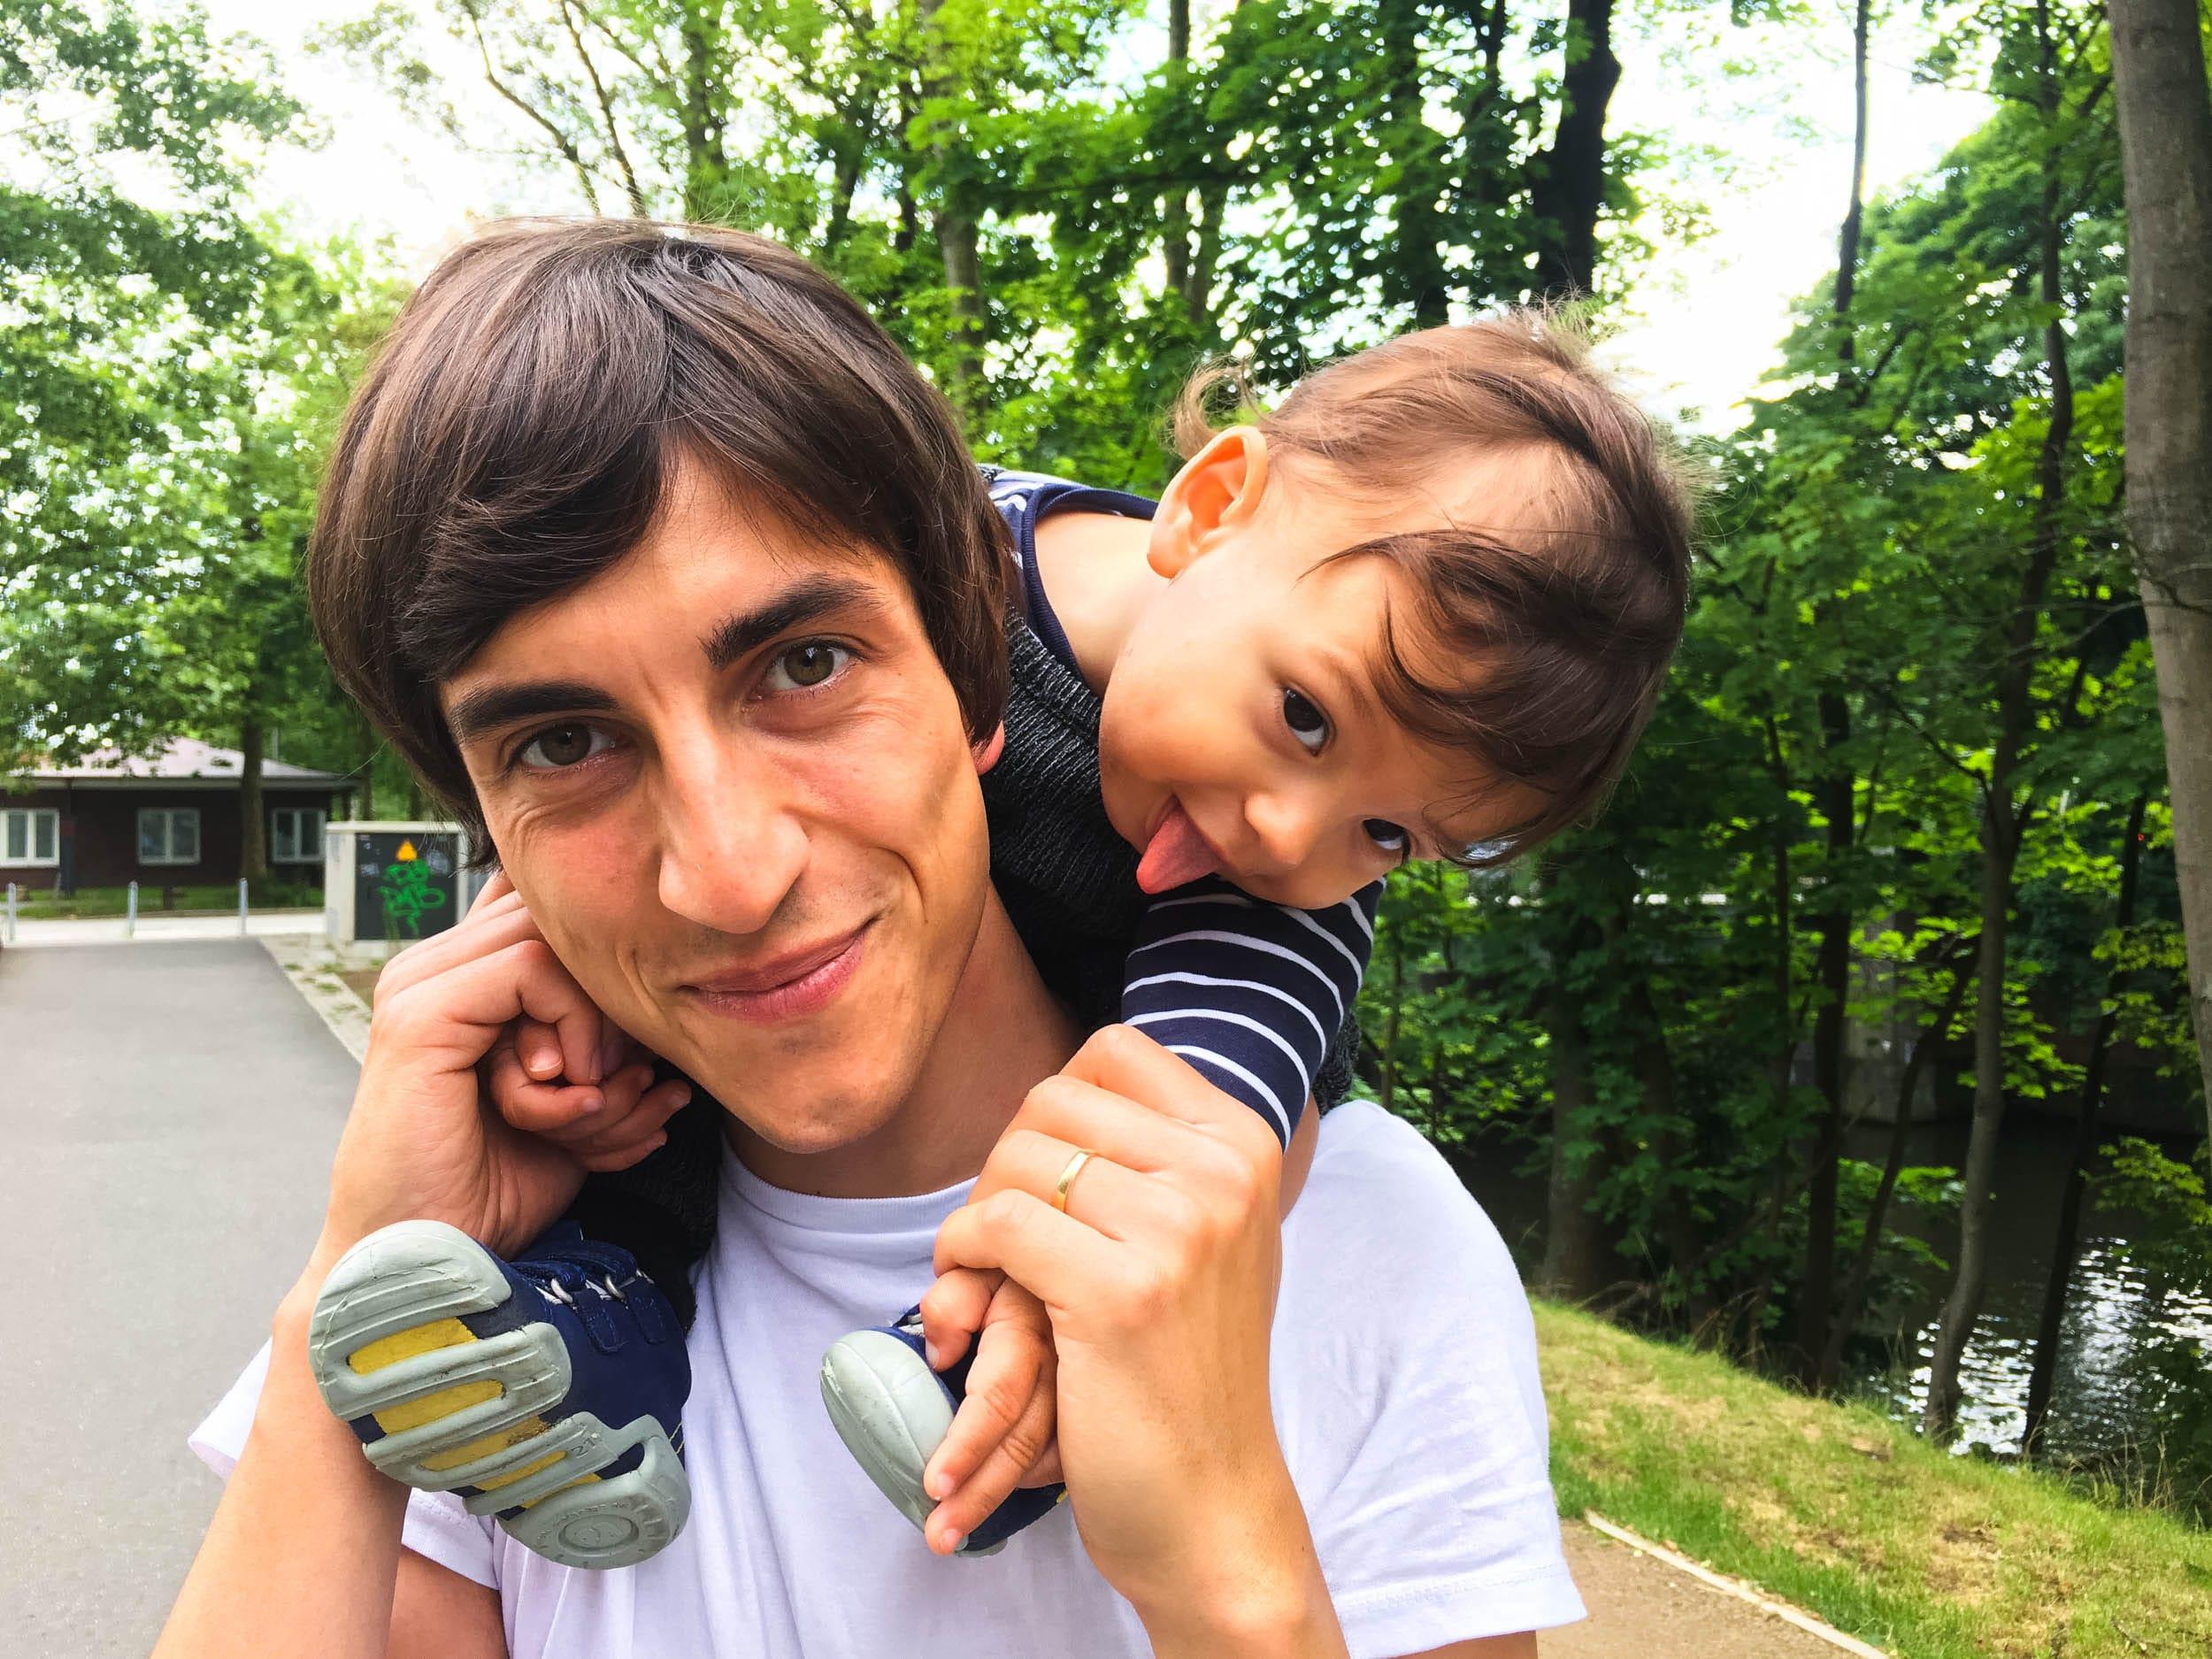 Wochenende in Bildern | Leben mit Kind | Alltag | Papa und Sohn | Quatschkopf | ivy.li